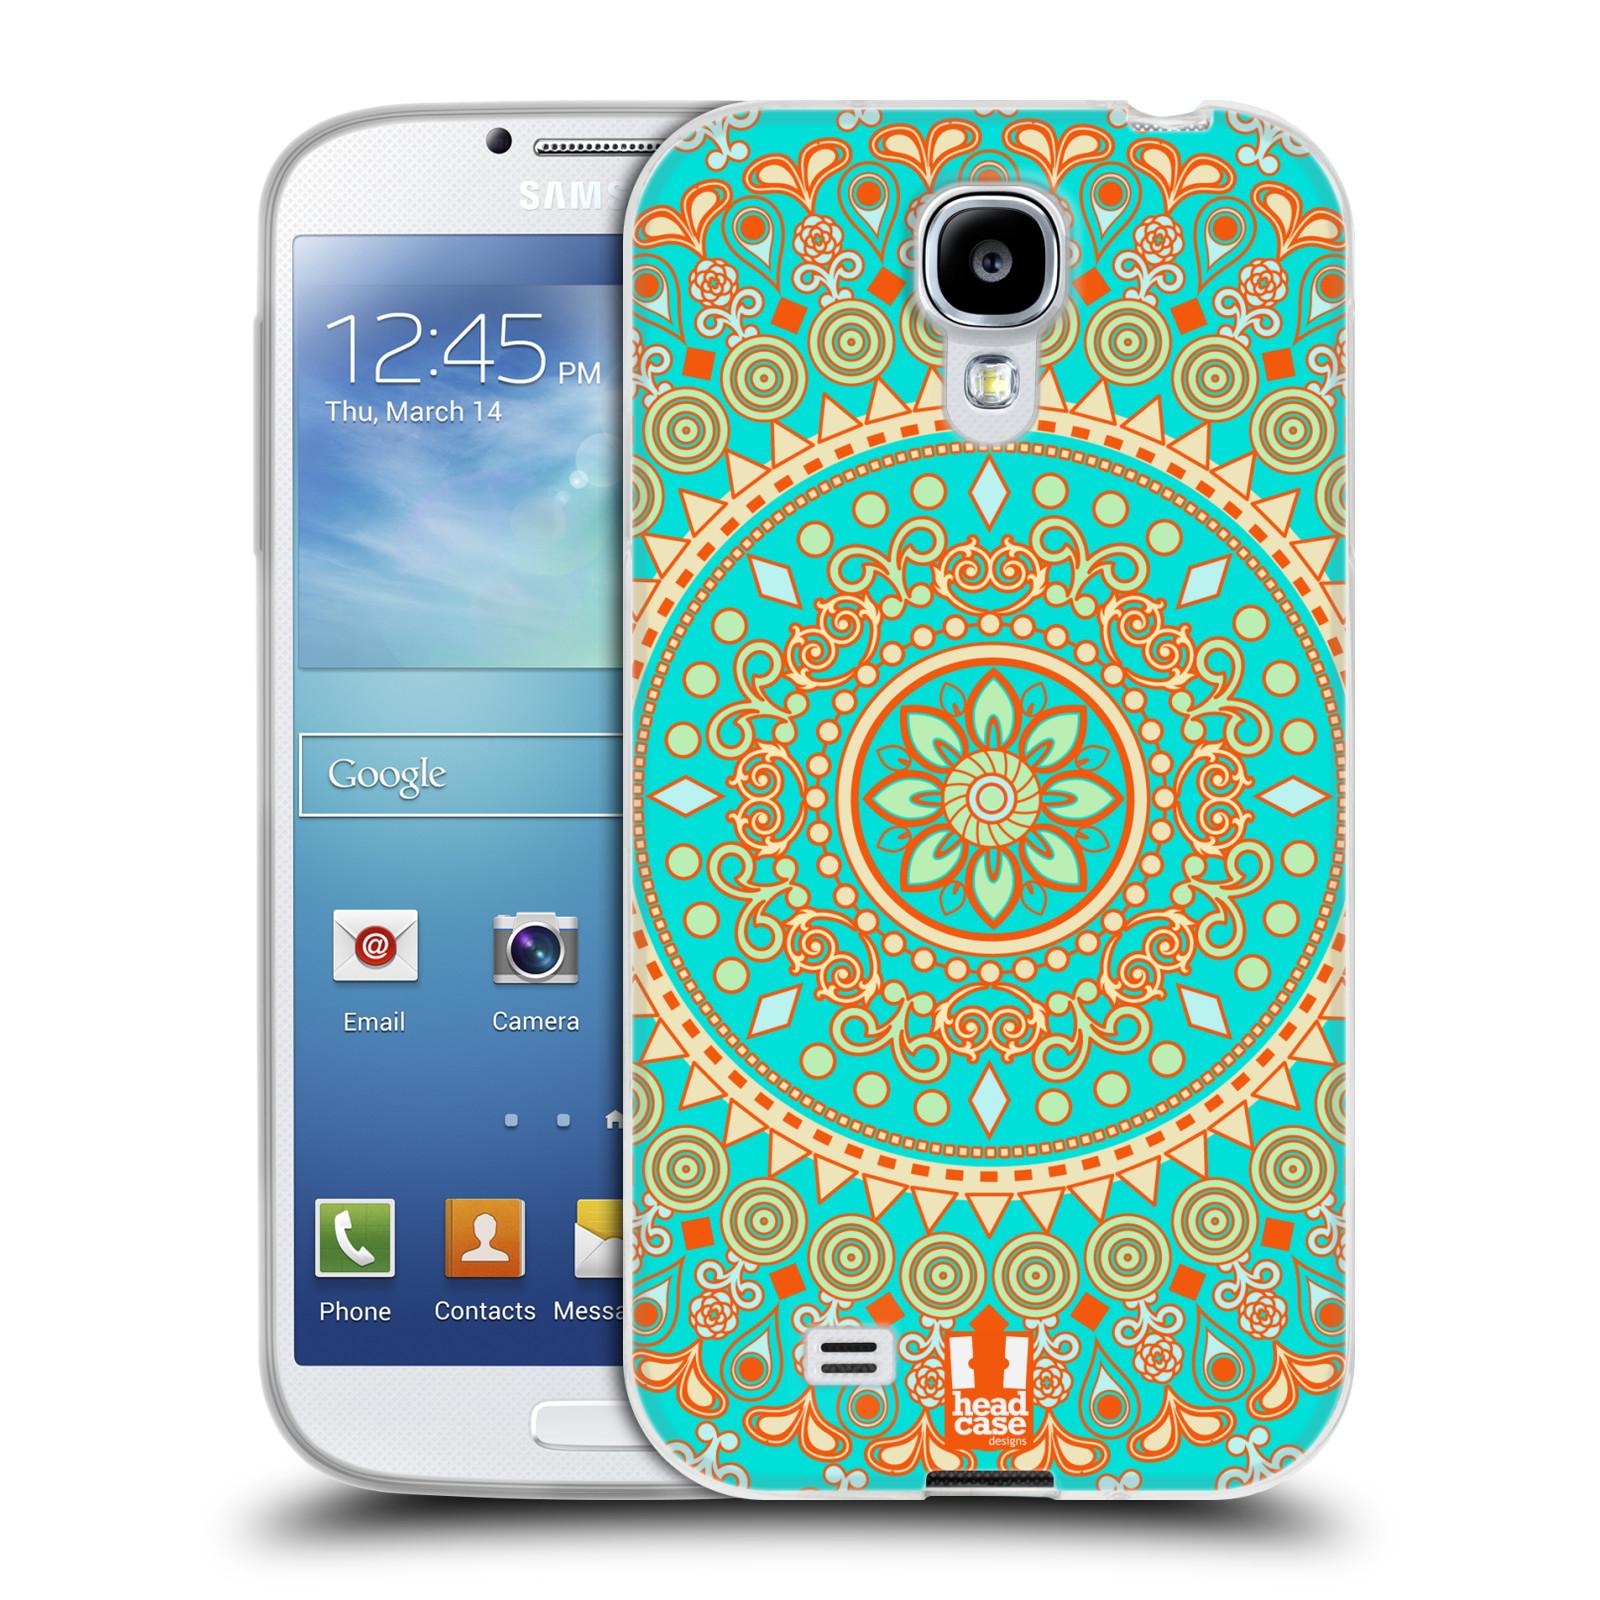 HEAD CASE silikonový obal na mobil Samsung Galaxy S4 i9500 vzor Indie Mandala slunce barevný motiv TYRKYSOVÁ, ZELENÁ